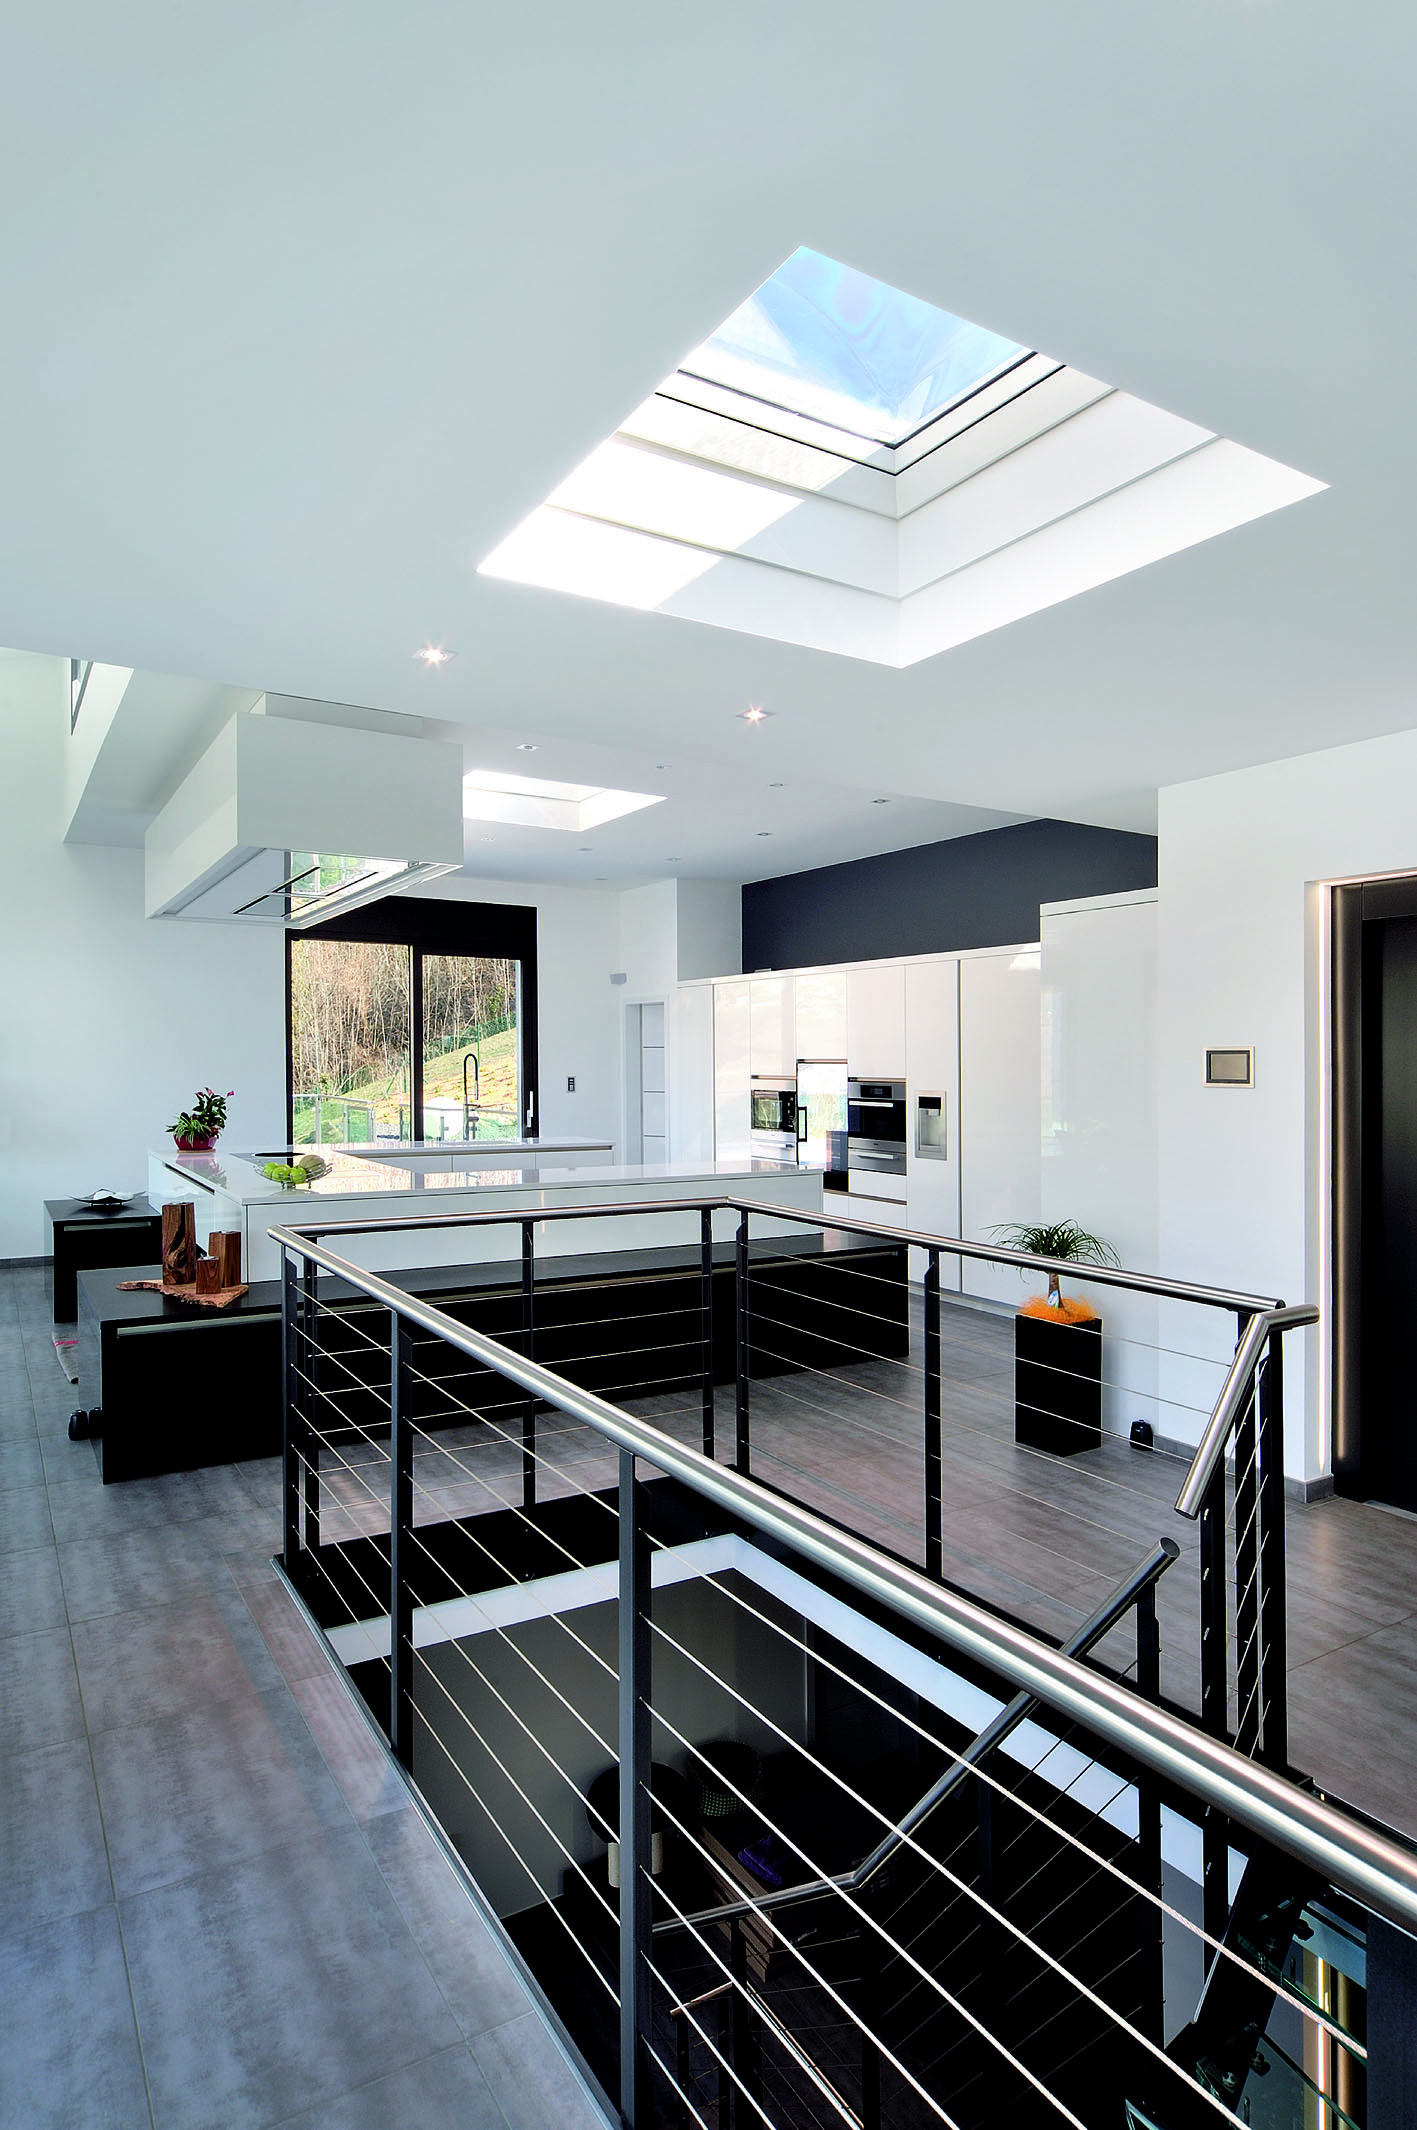 Finestre per tetti piani o a falda - Finestre per tetti ...